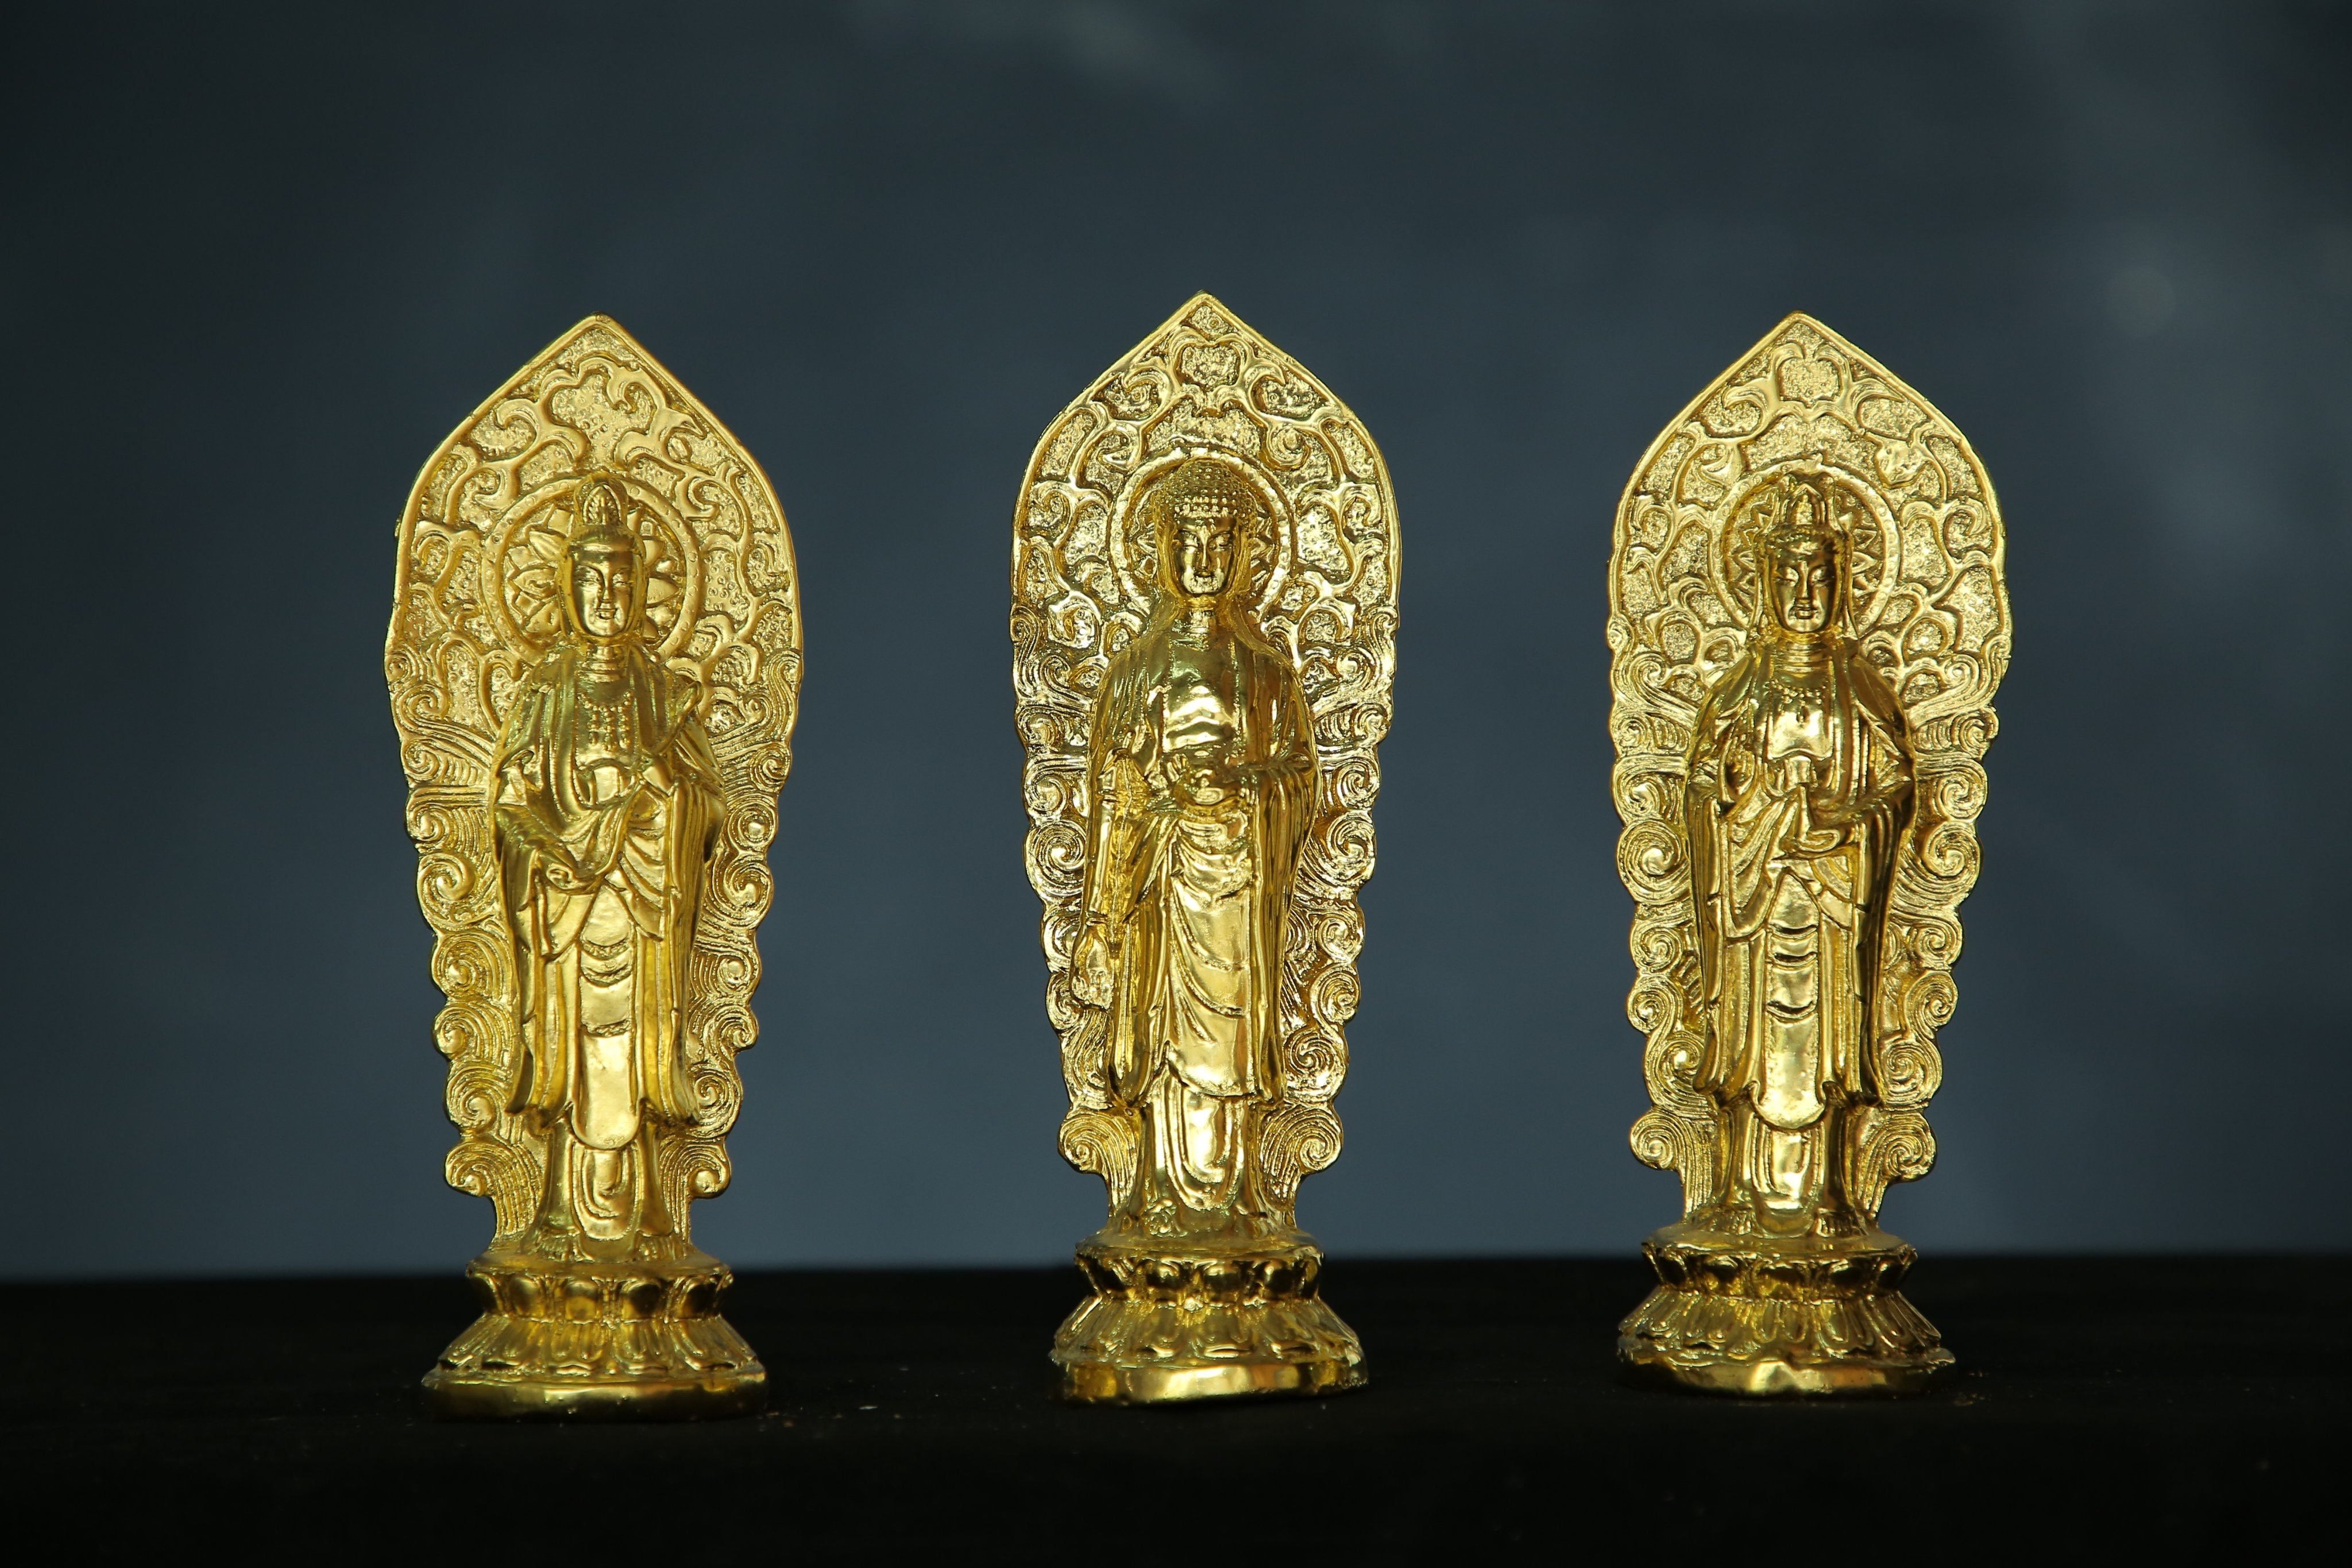 (đúc đồng Mạ vàng Sao Mai) Làng đúc đồng Phước Kiều - Làng đúc hàng trăm năm tuổi ở Quảng Nam